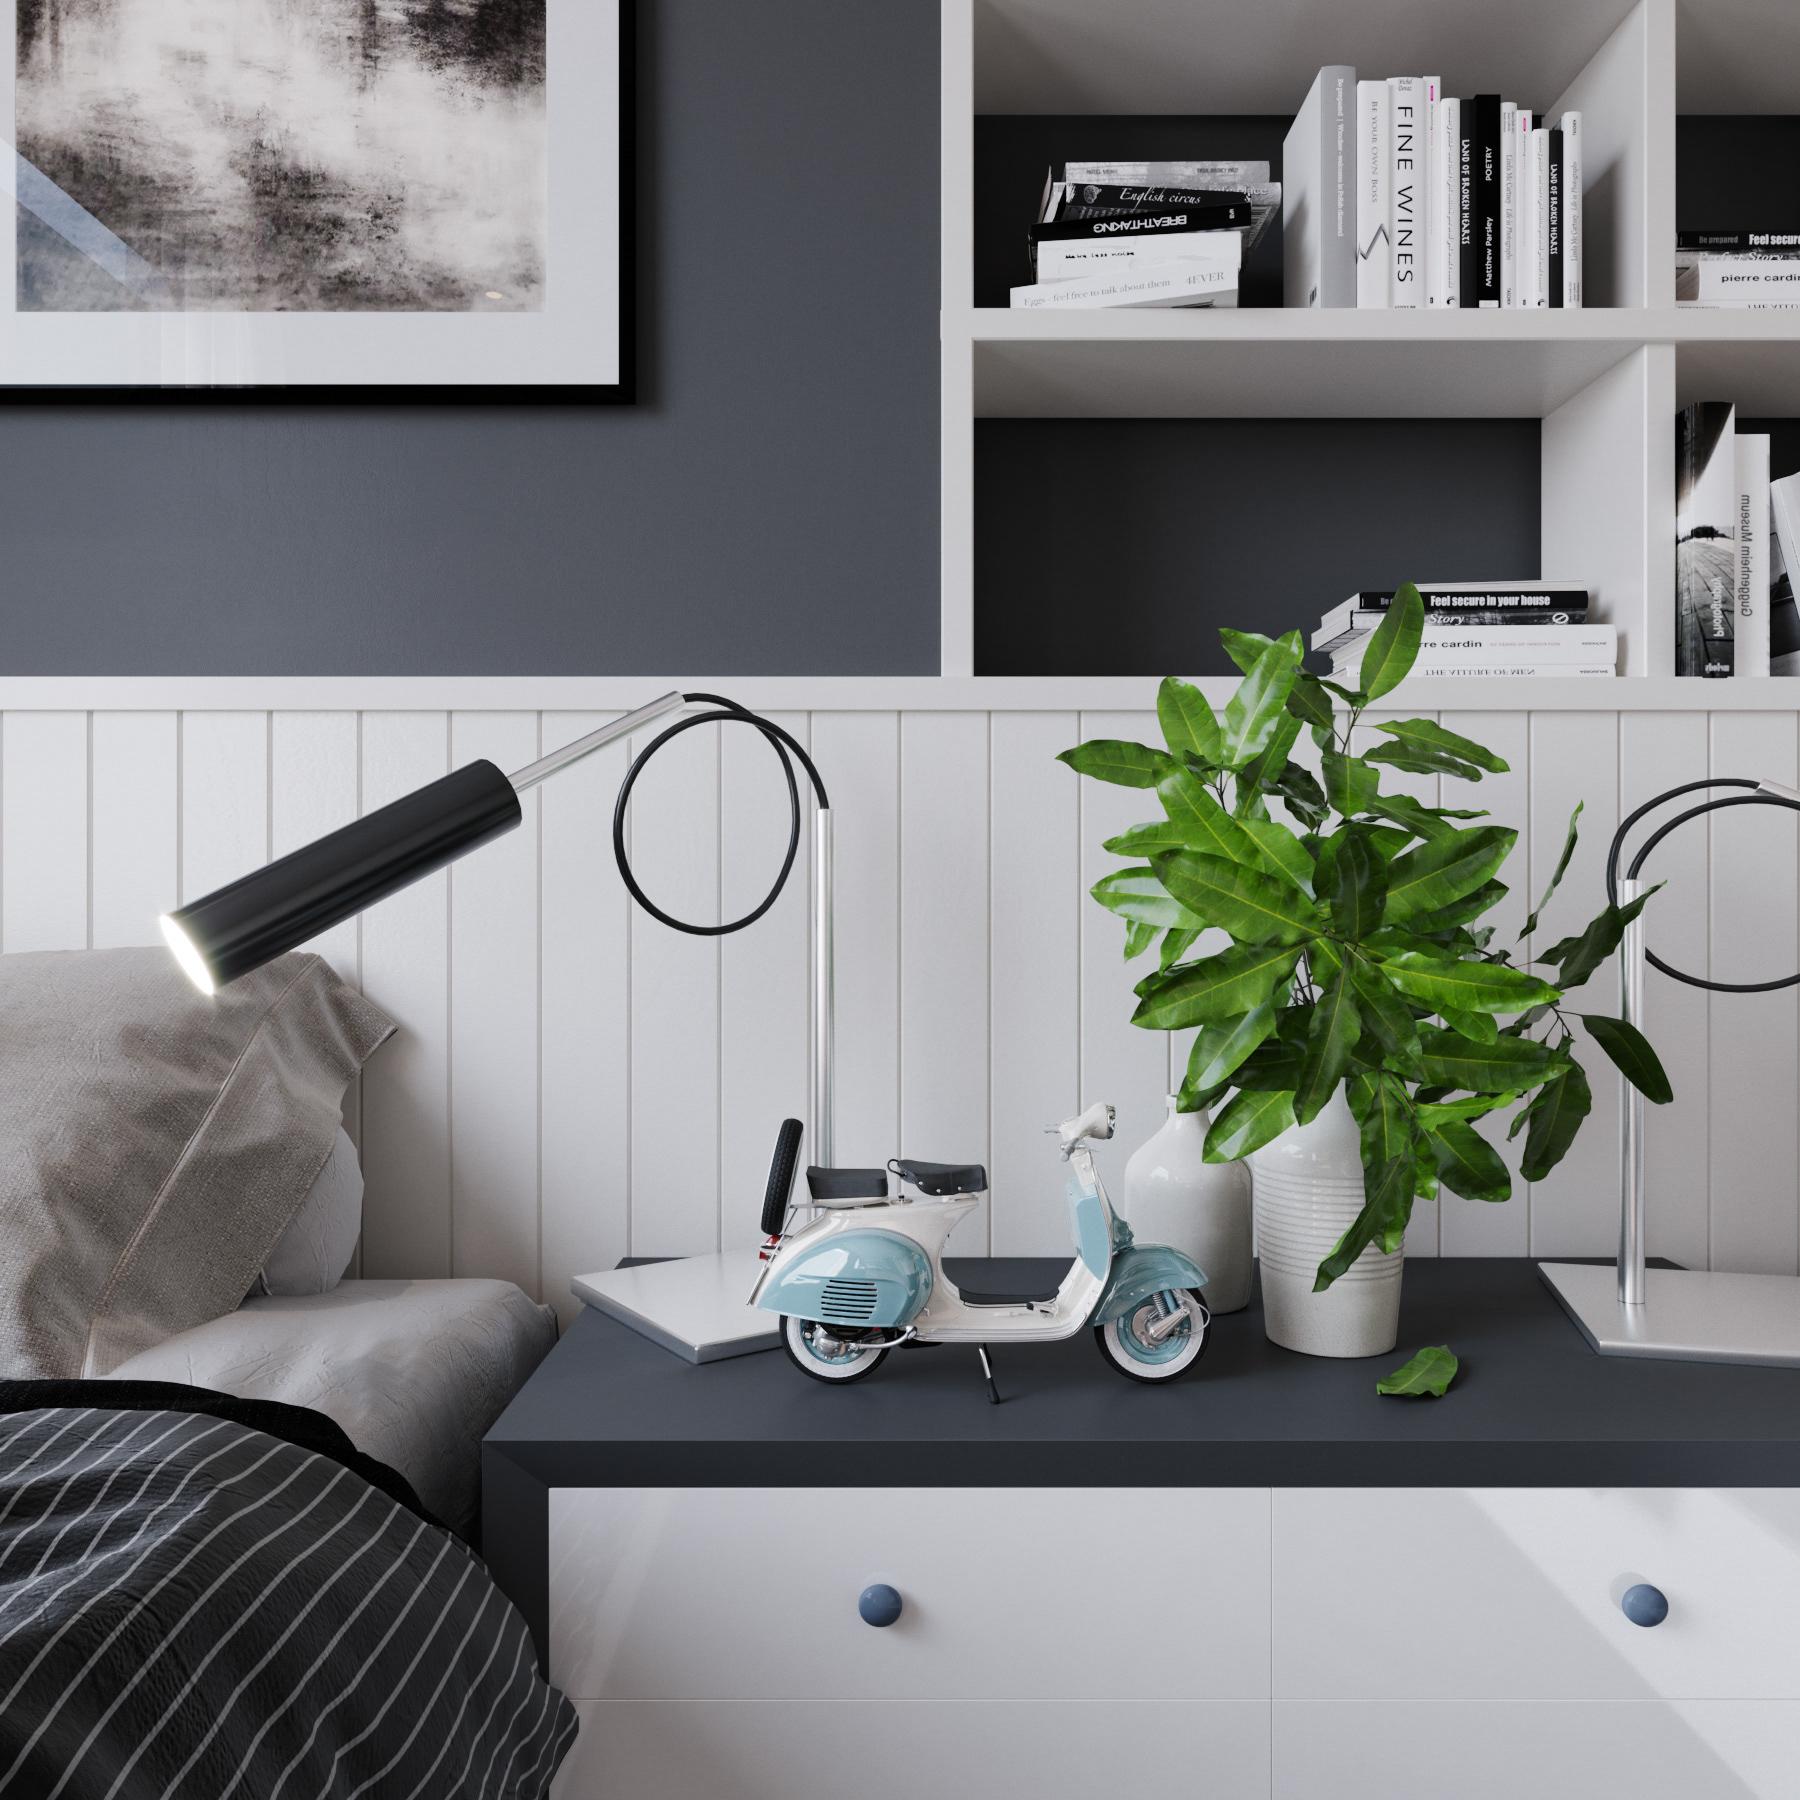 Tư vấn thiết kế nội thất phòng ngủ 16m2 đẹp hút hồn với chi phí gần 32 triệu  - Ảnh 5.